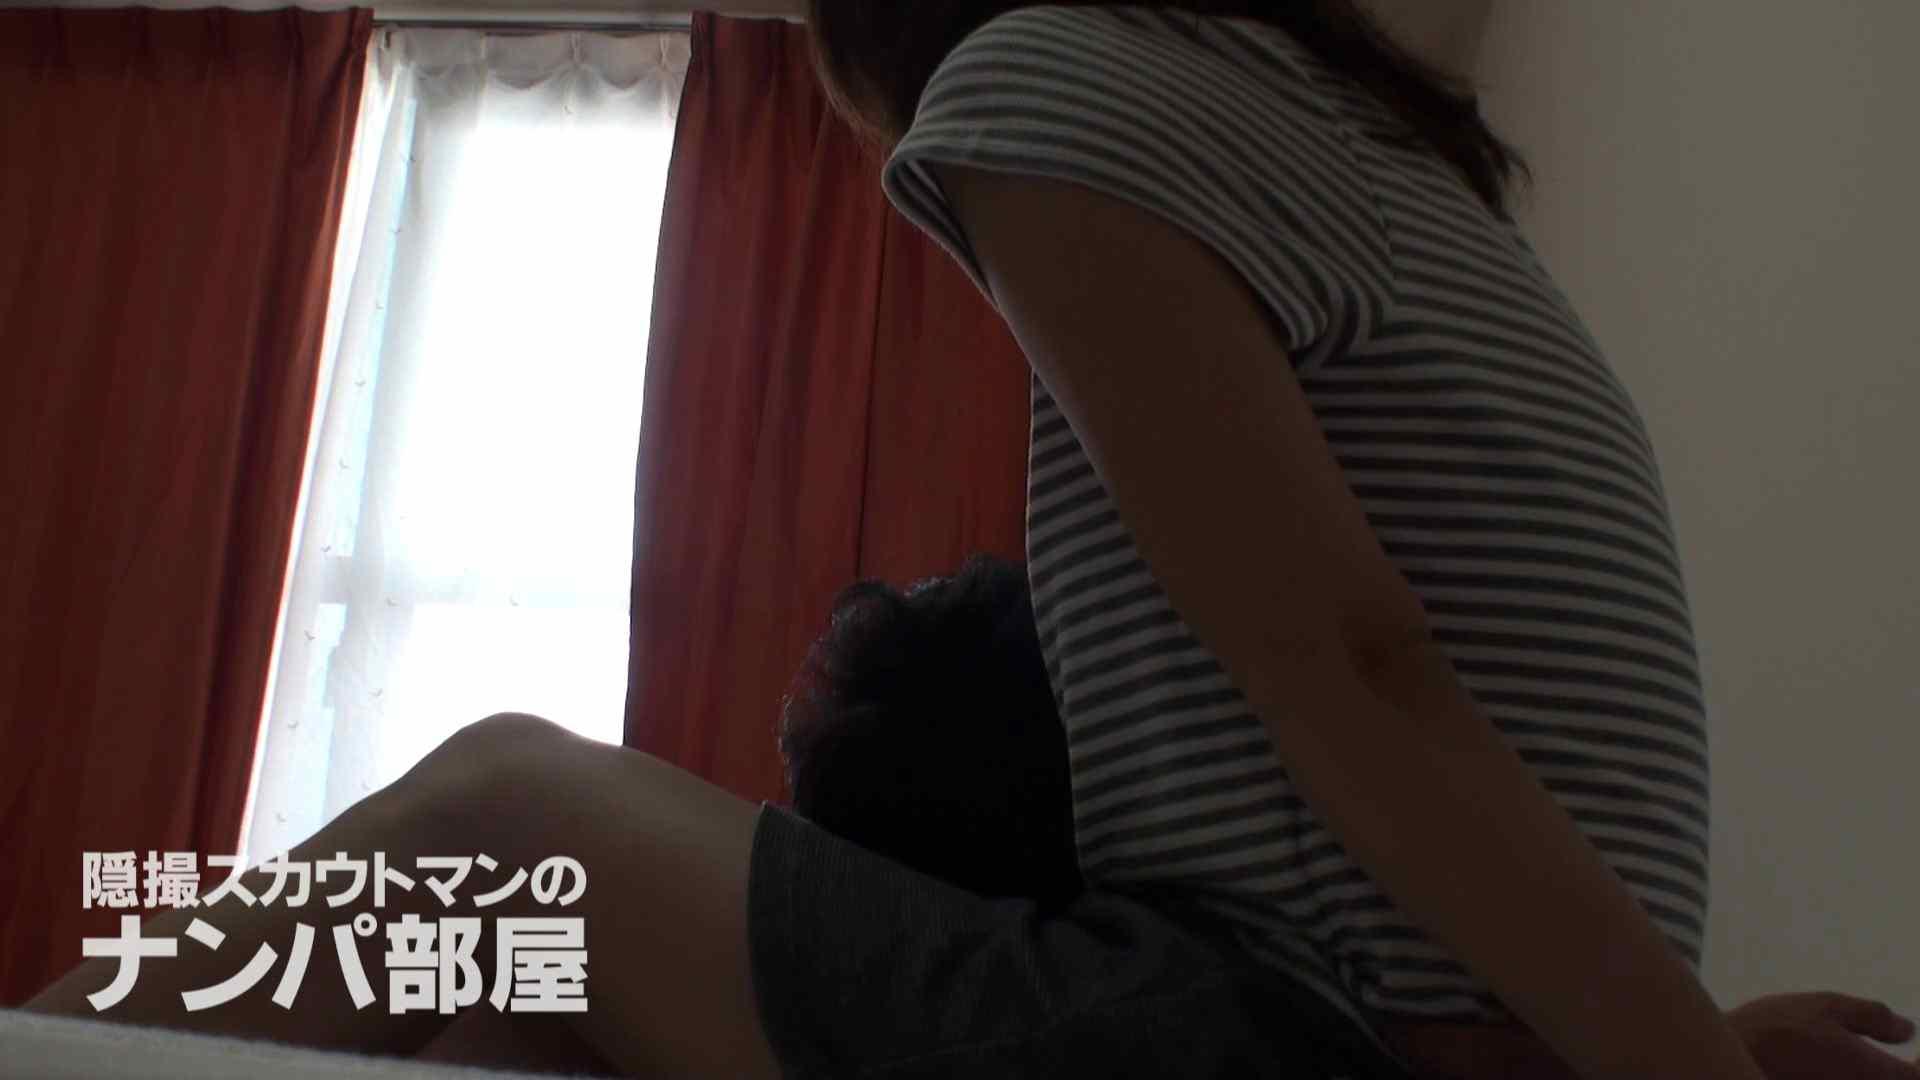 隠撮スカウトマンのナンパ部屋~風俗デビュー前のつまみ食い~ siivol.3 ナンパ  90連発 52